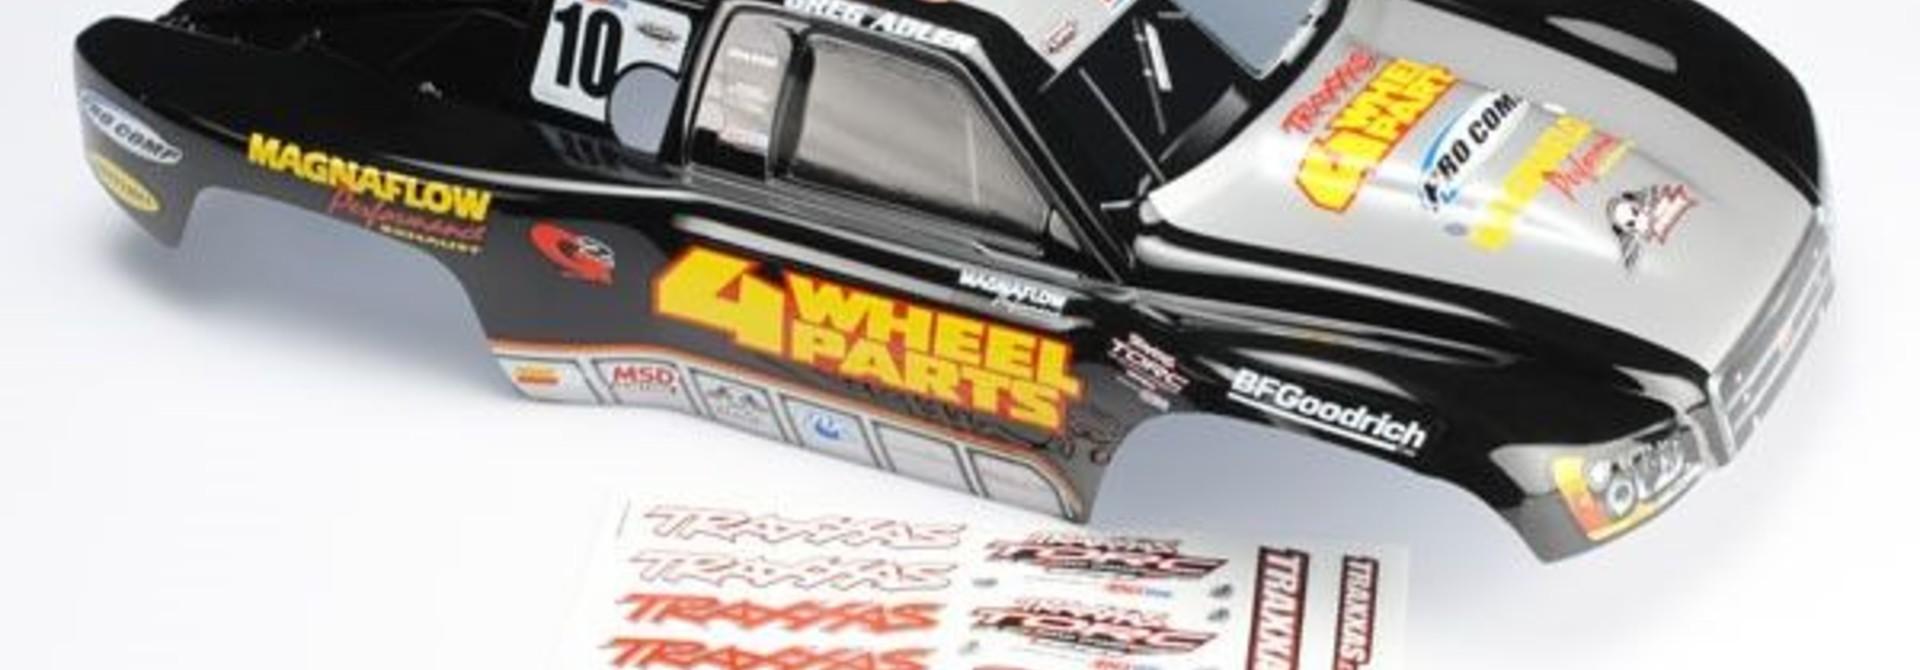 Body, Slayer Pro 4X4, Greg Adler, 4 Wheel Parts (painted, de, TRX5919